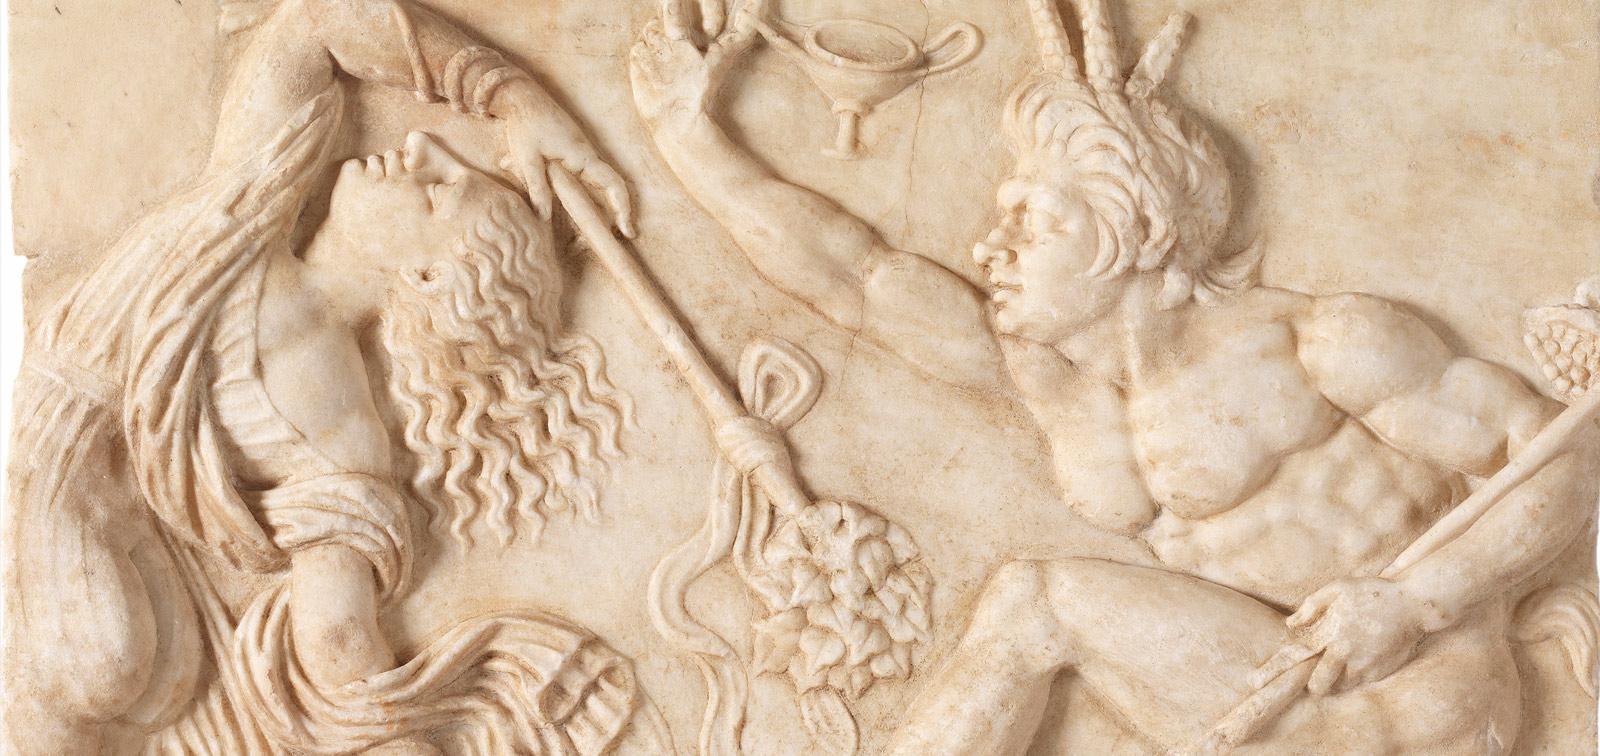 Arte y mito. Los dioses del Prado